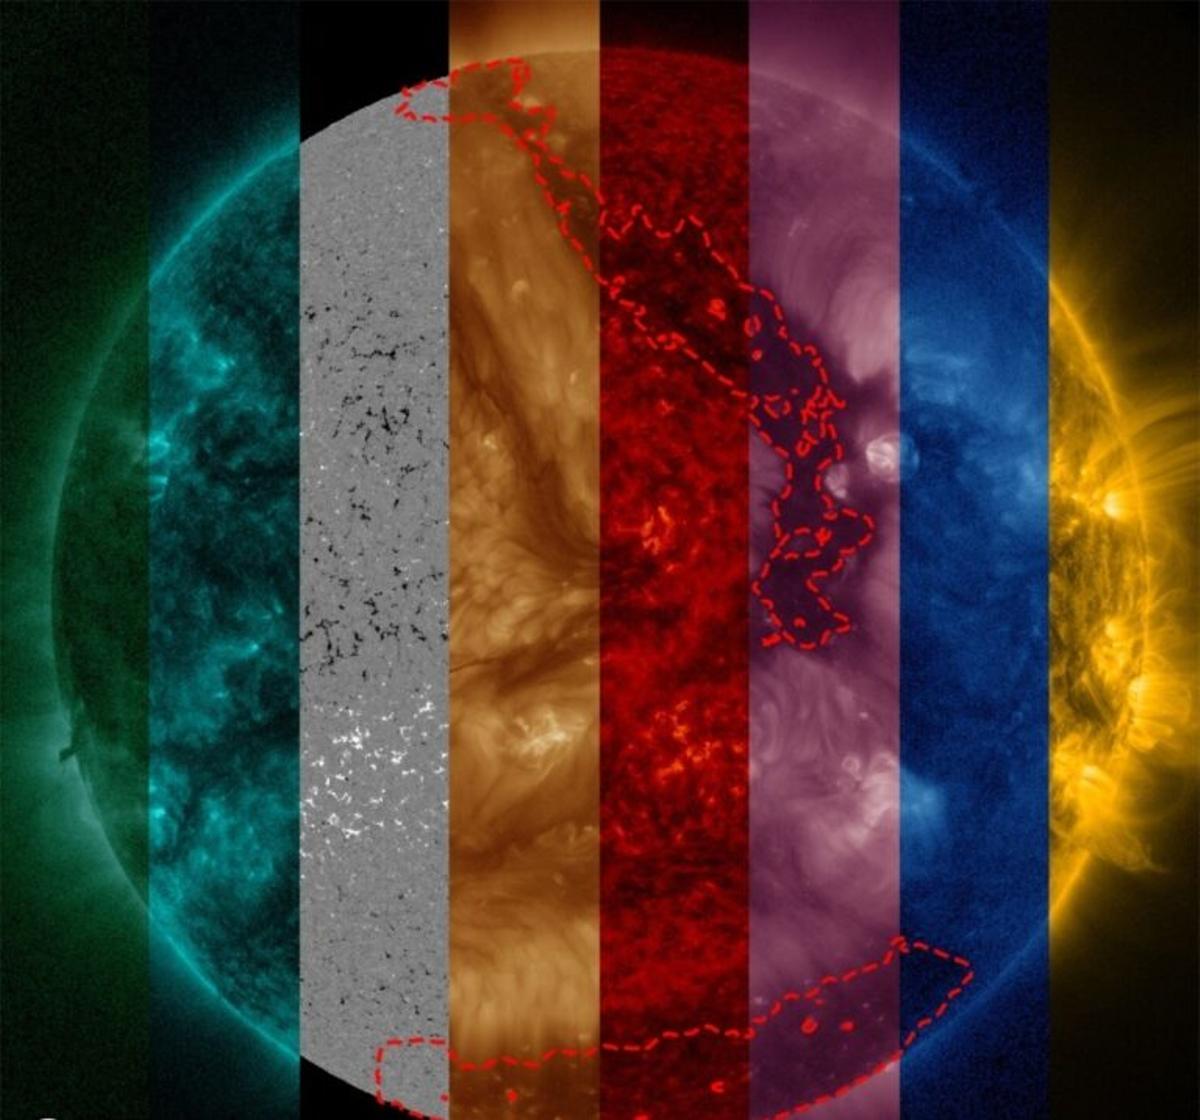 La Inteligencia Artificial predice las erupciones solares